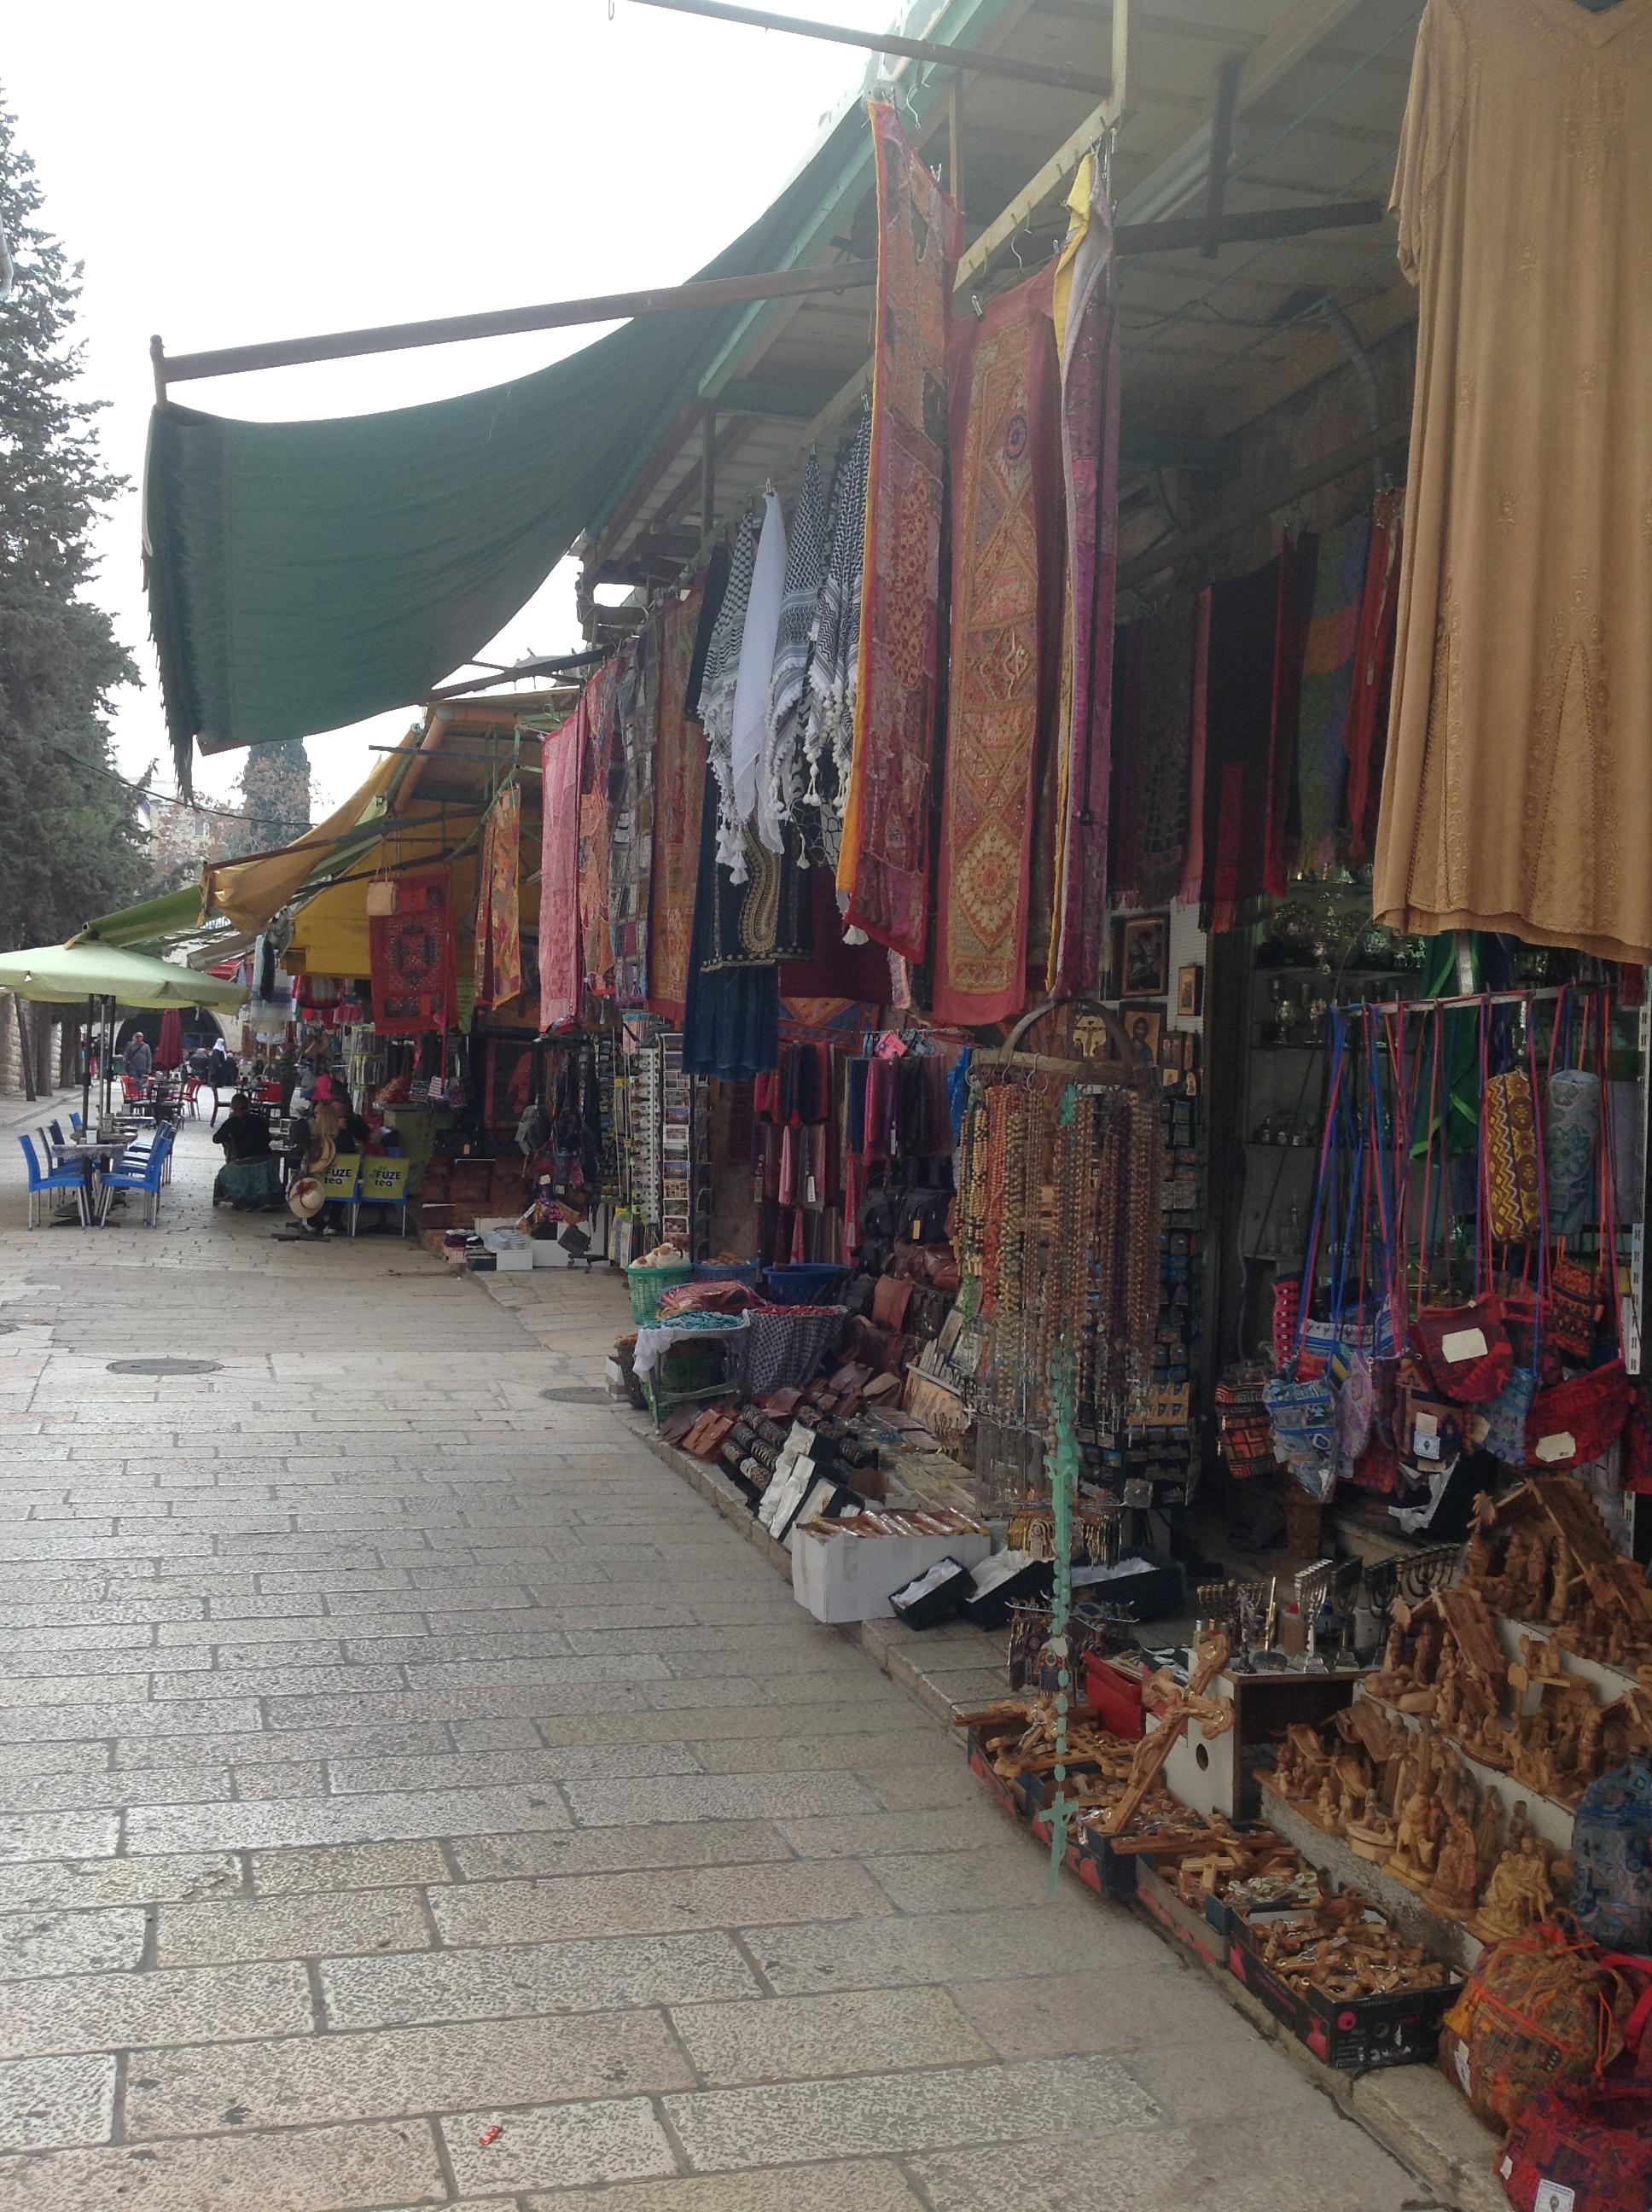 Muristan Market